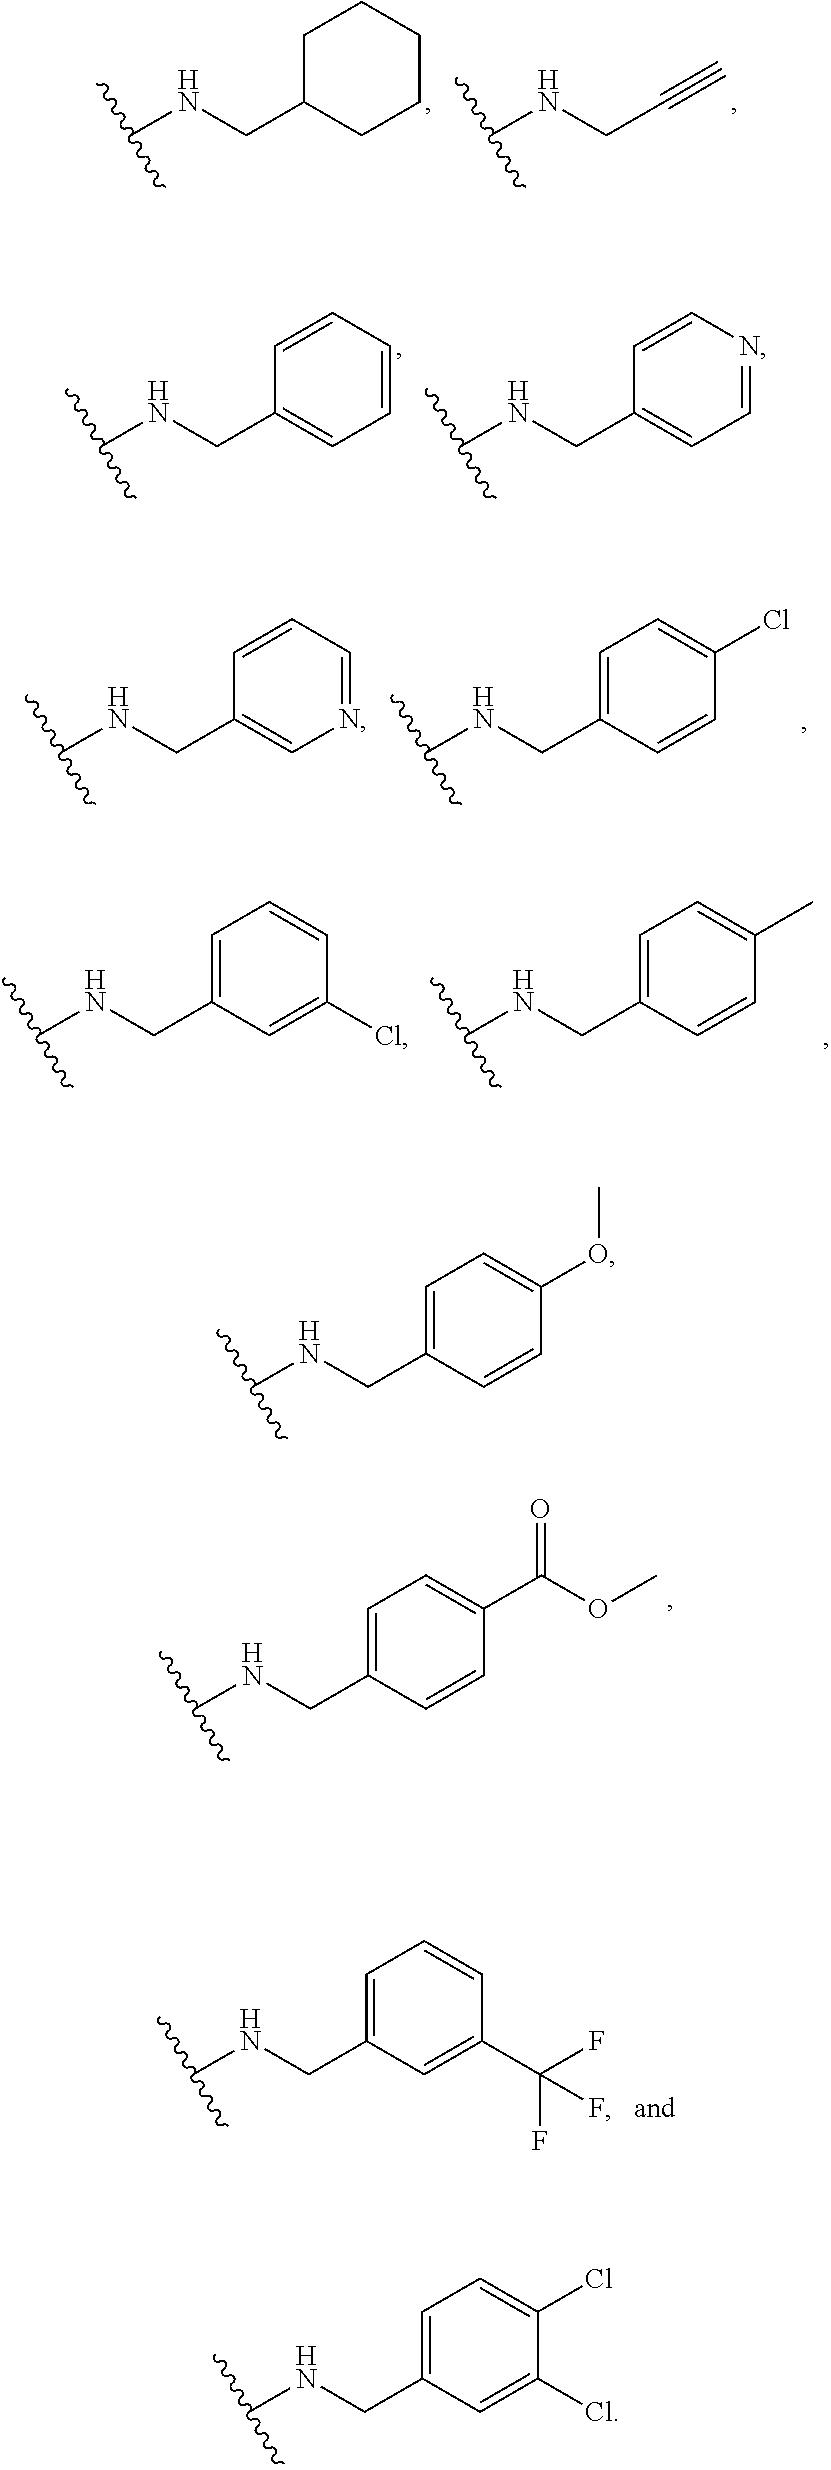 Figure US09861596-20180109-C00009